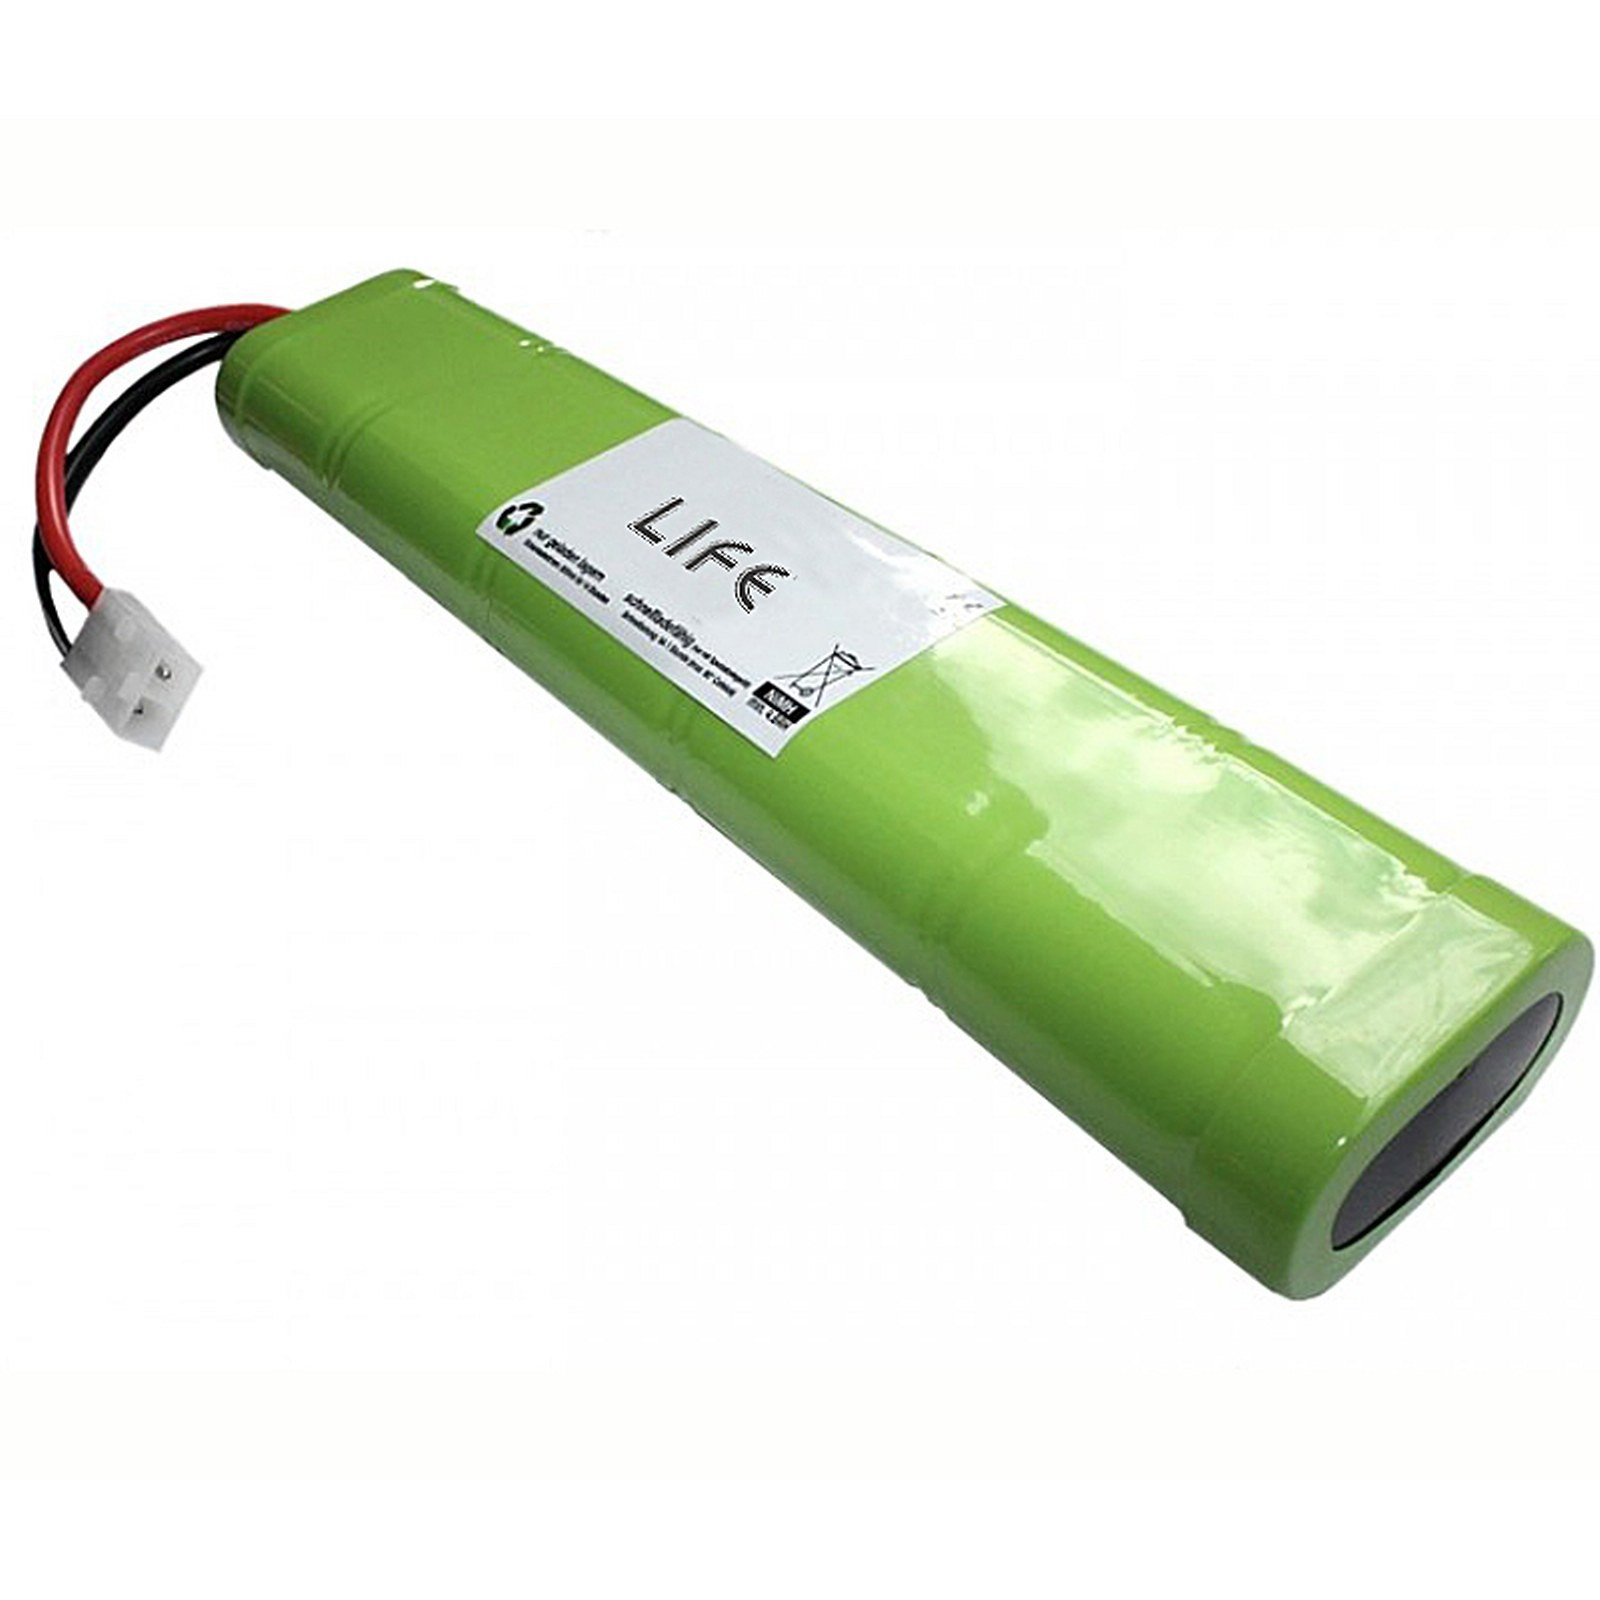 Batterie Per Lampade Di Emergenza Ova.Lampade Di Ova Batterie Emergenza Per 1ckjulf3t